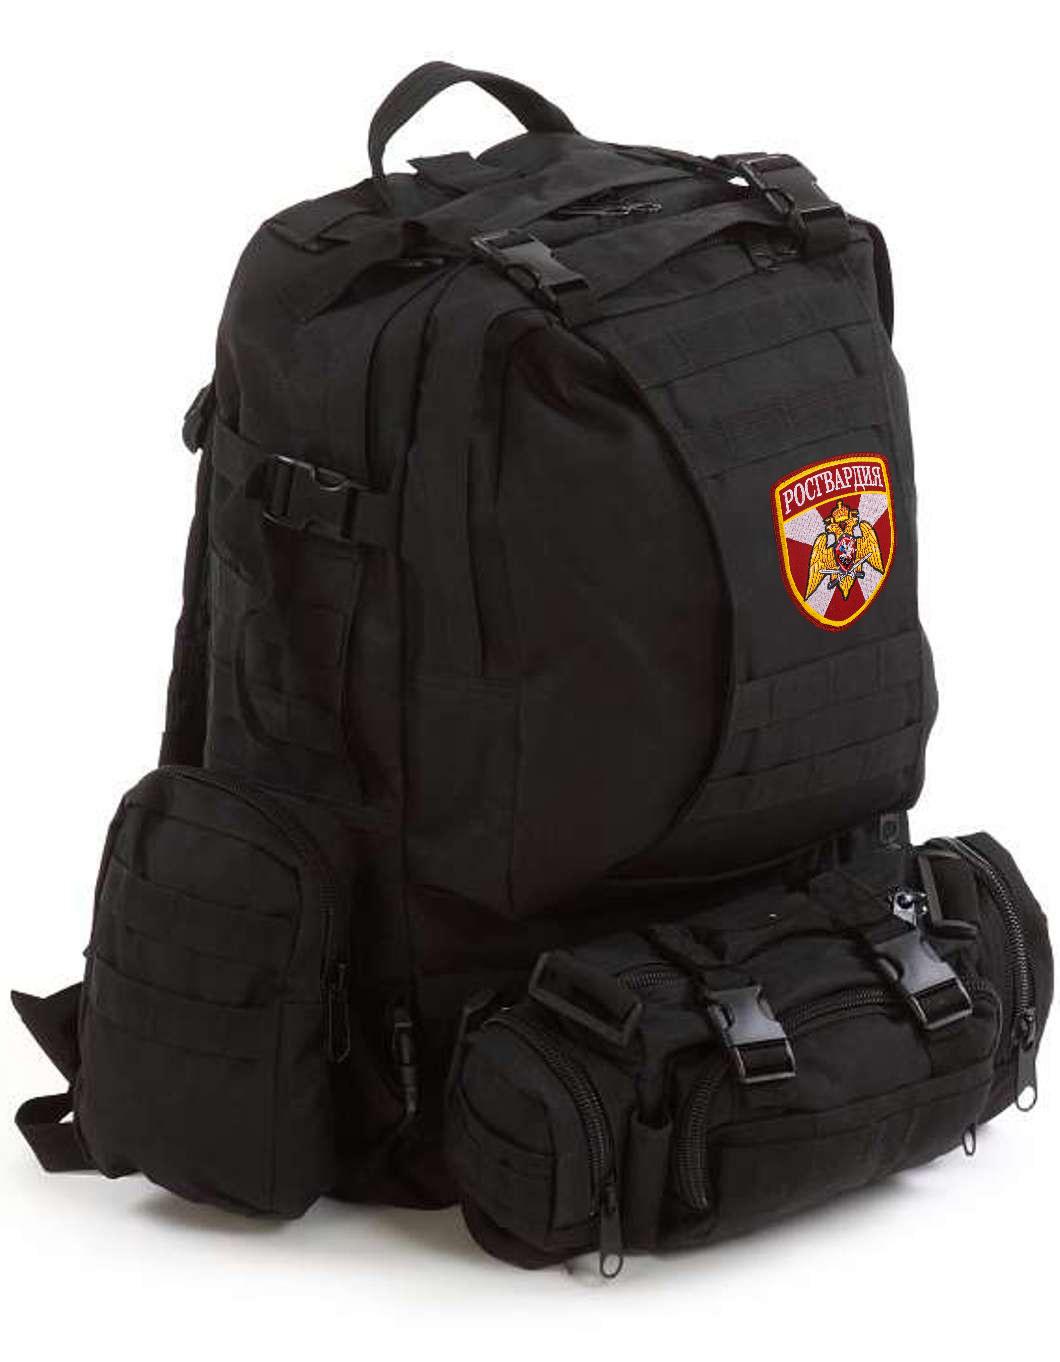 Заказать в интернет магазине водонепроницаемый рюкзак